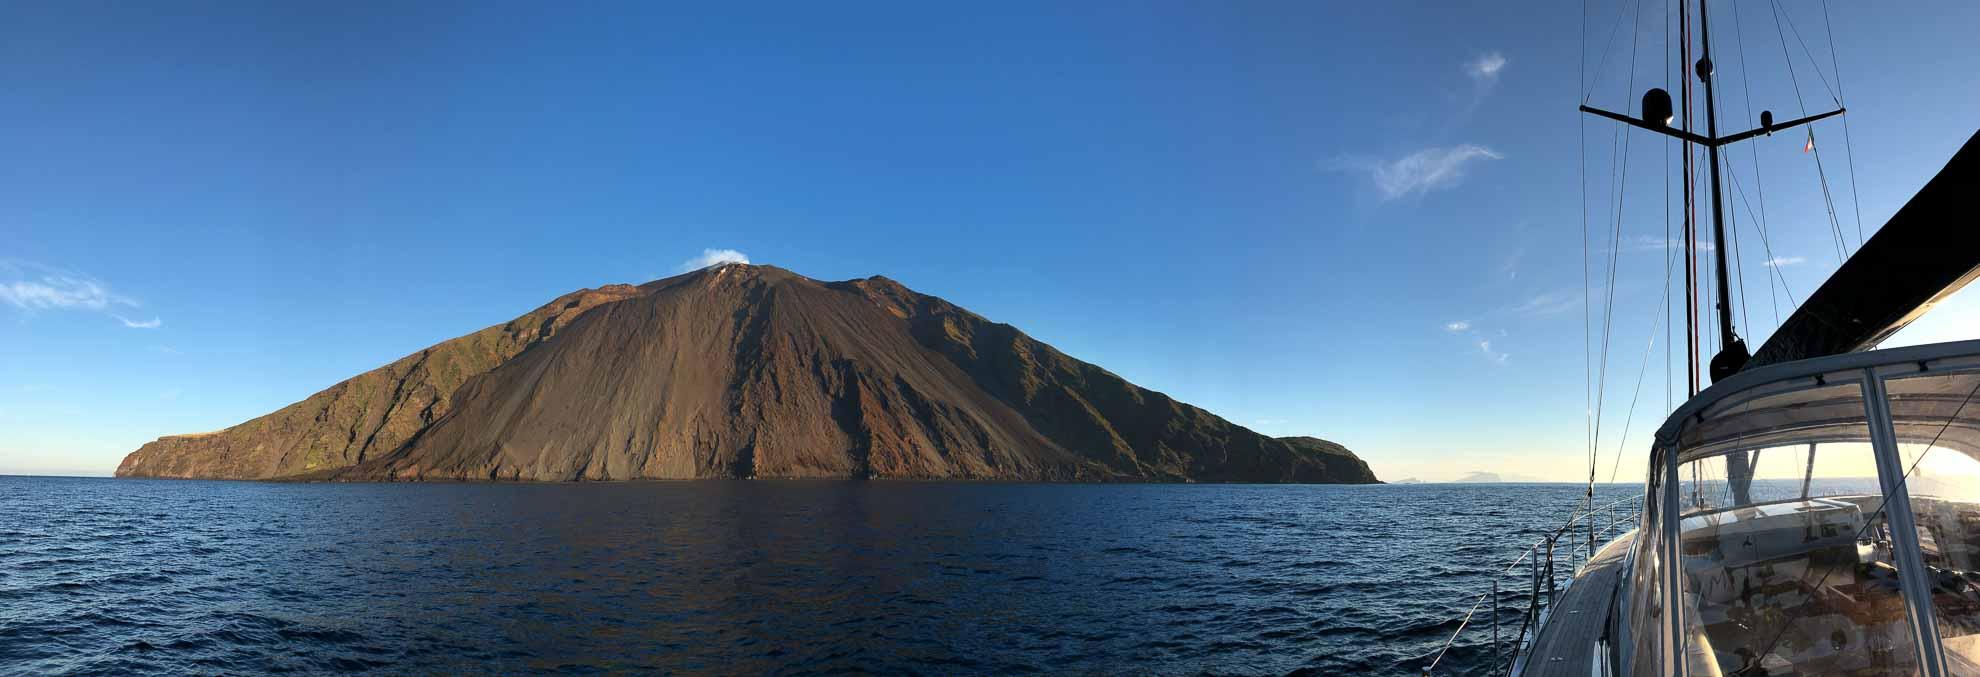 Am Nachmittag verholen wir zur nördlichsten und bekanntesten der Liparischen Inseln – Stromboli.